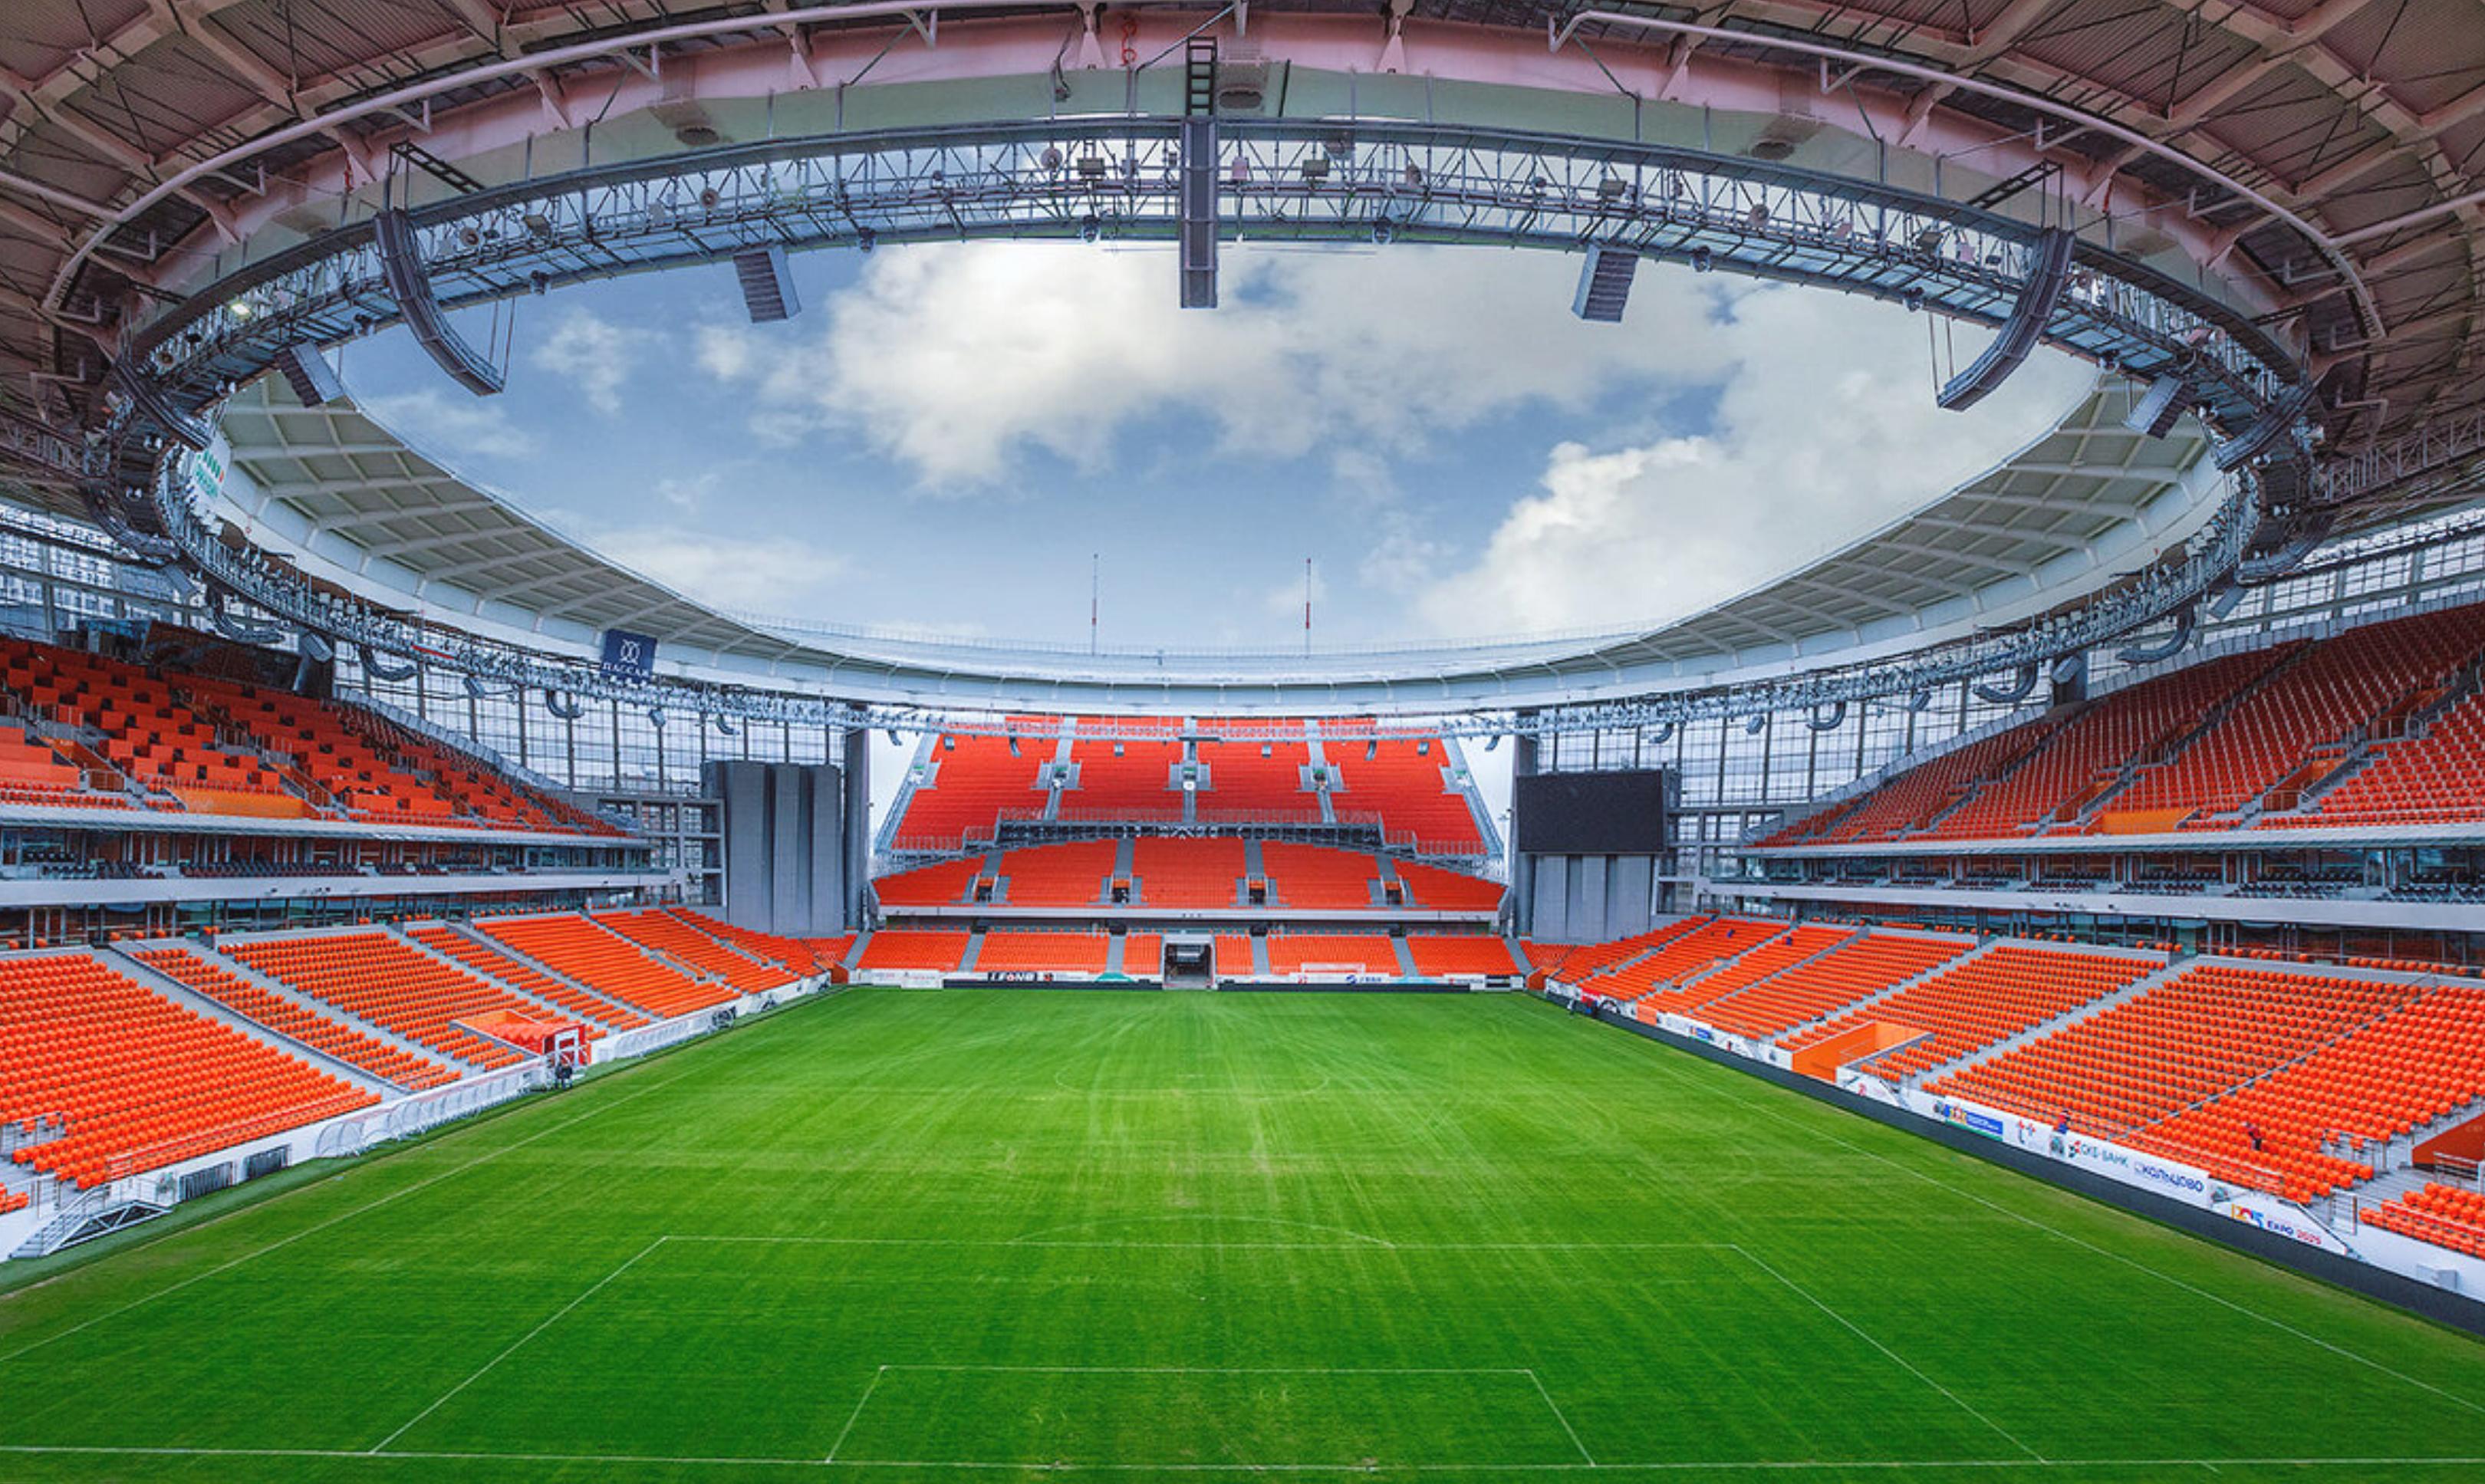 На территории стадиона «Екатеринбург-Арена» откроется Музей спорта